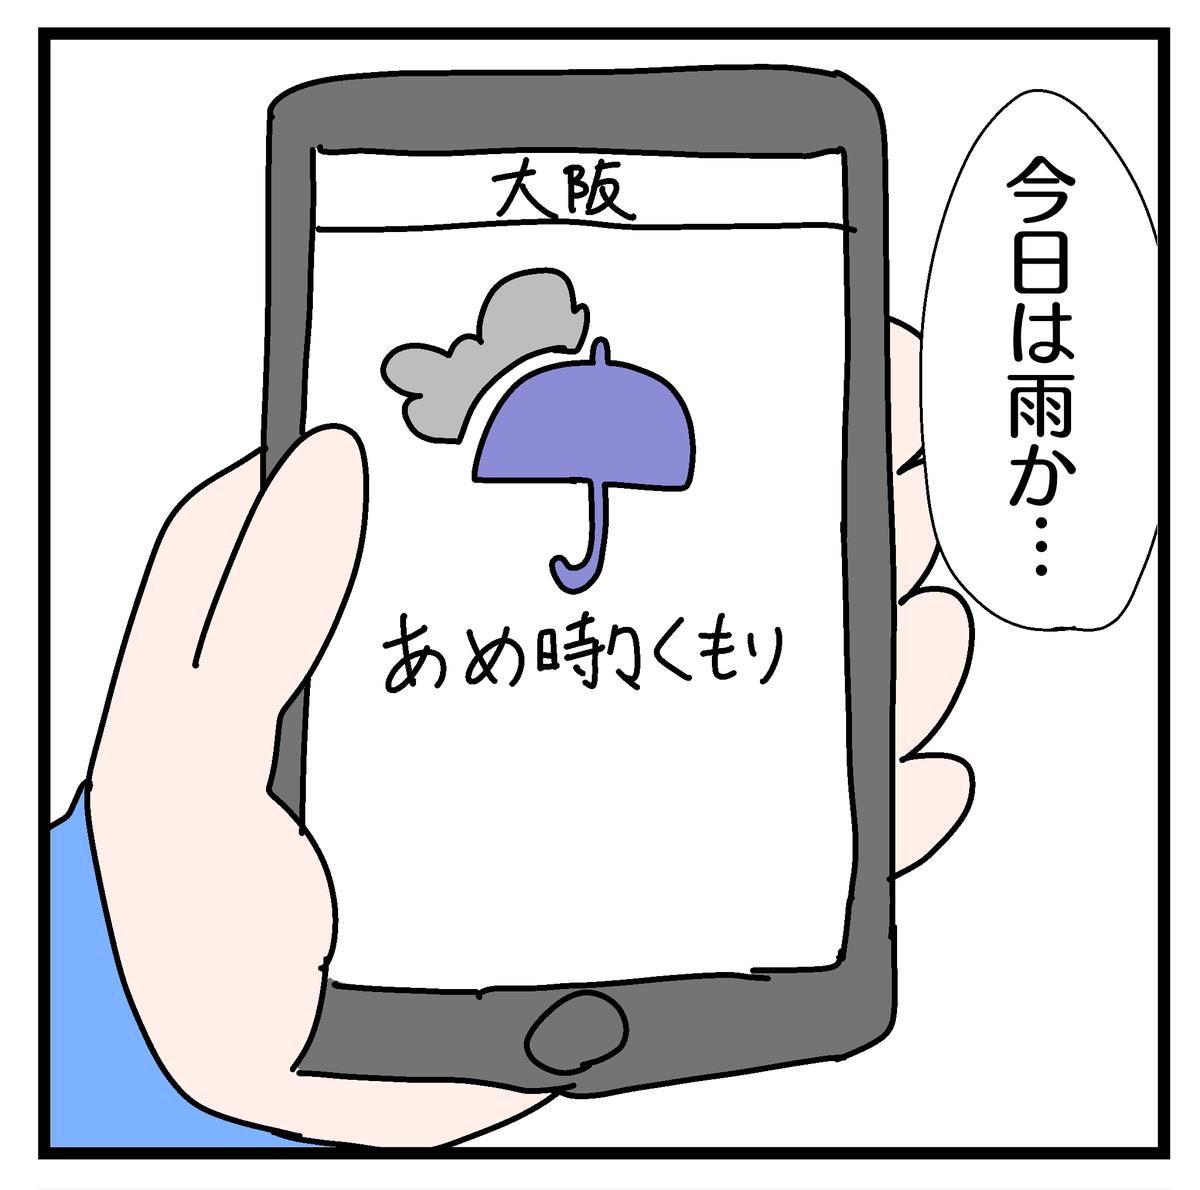 f:id:YuruFuwaTa:20200715155010p:plain